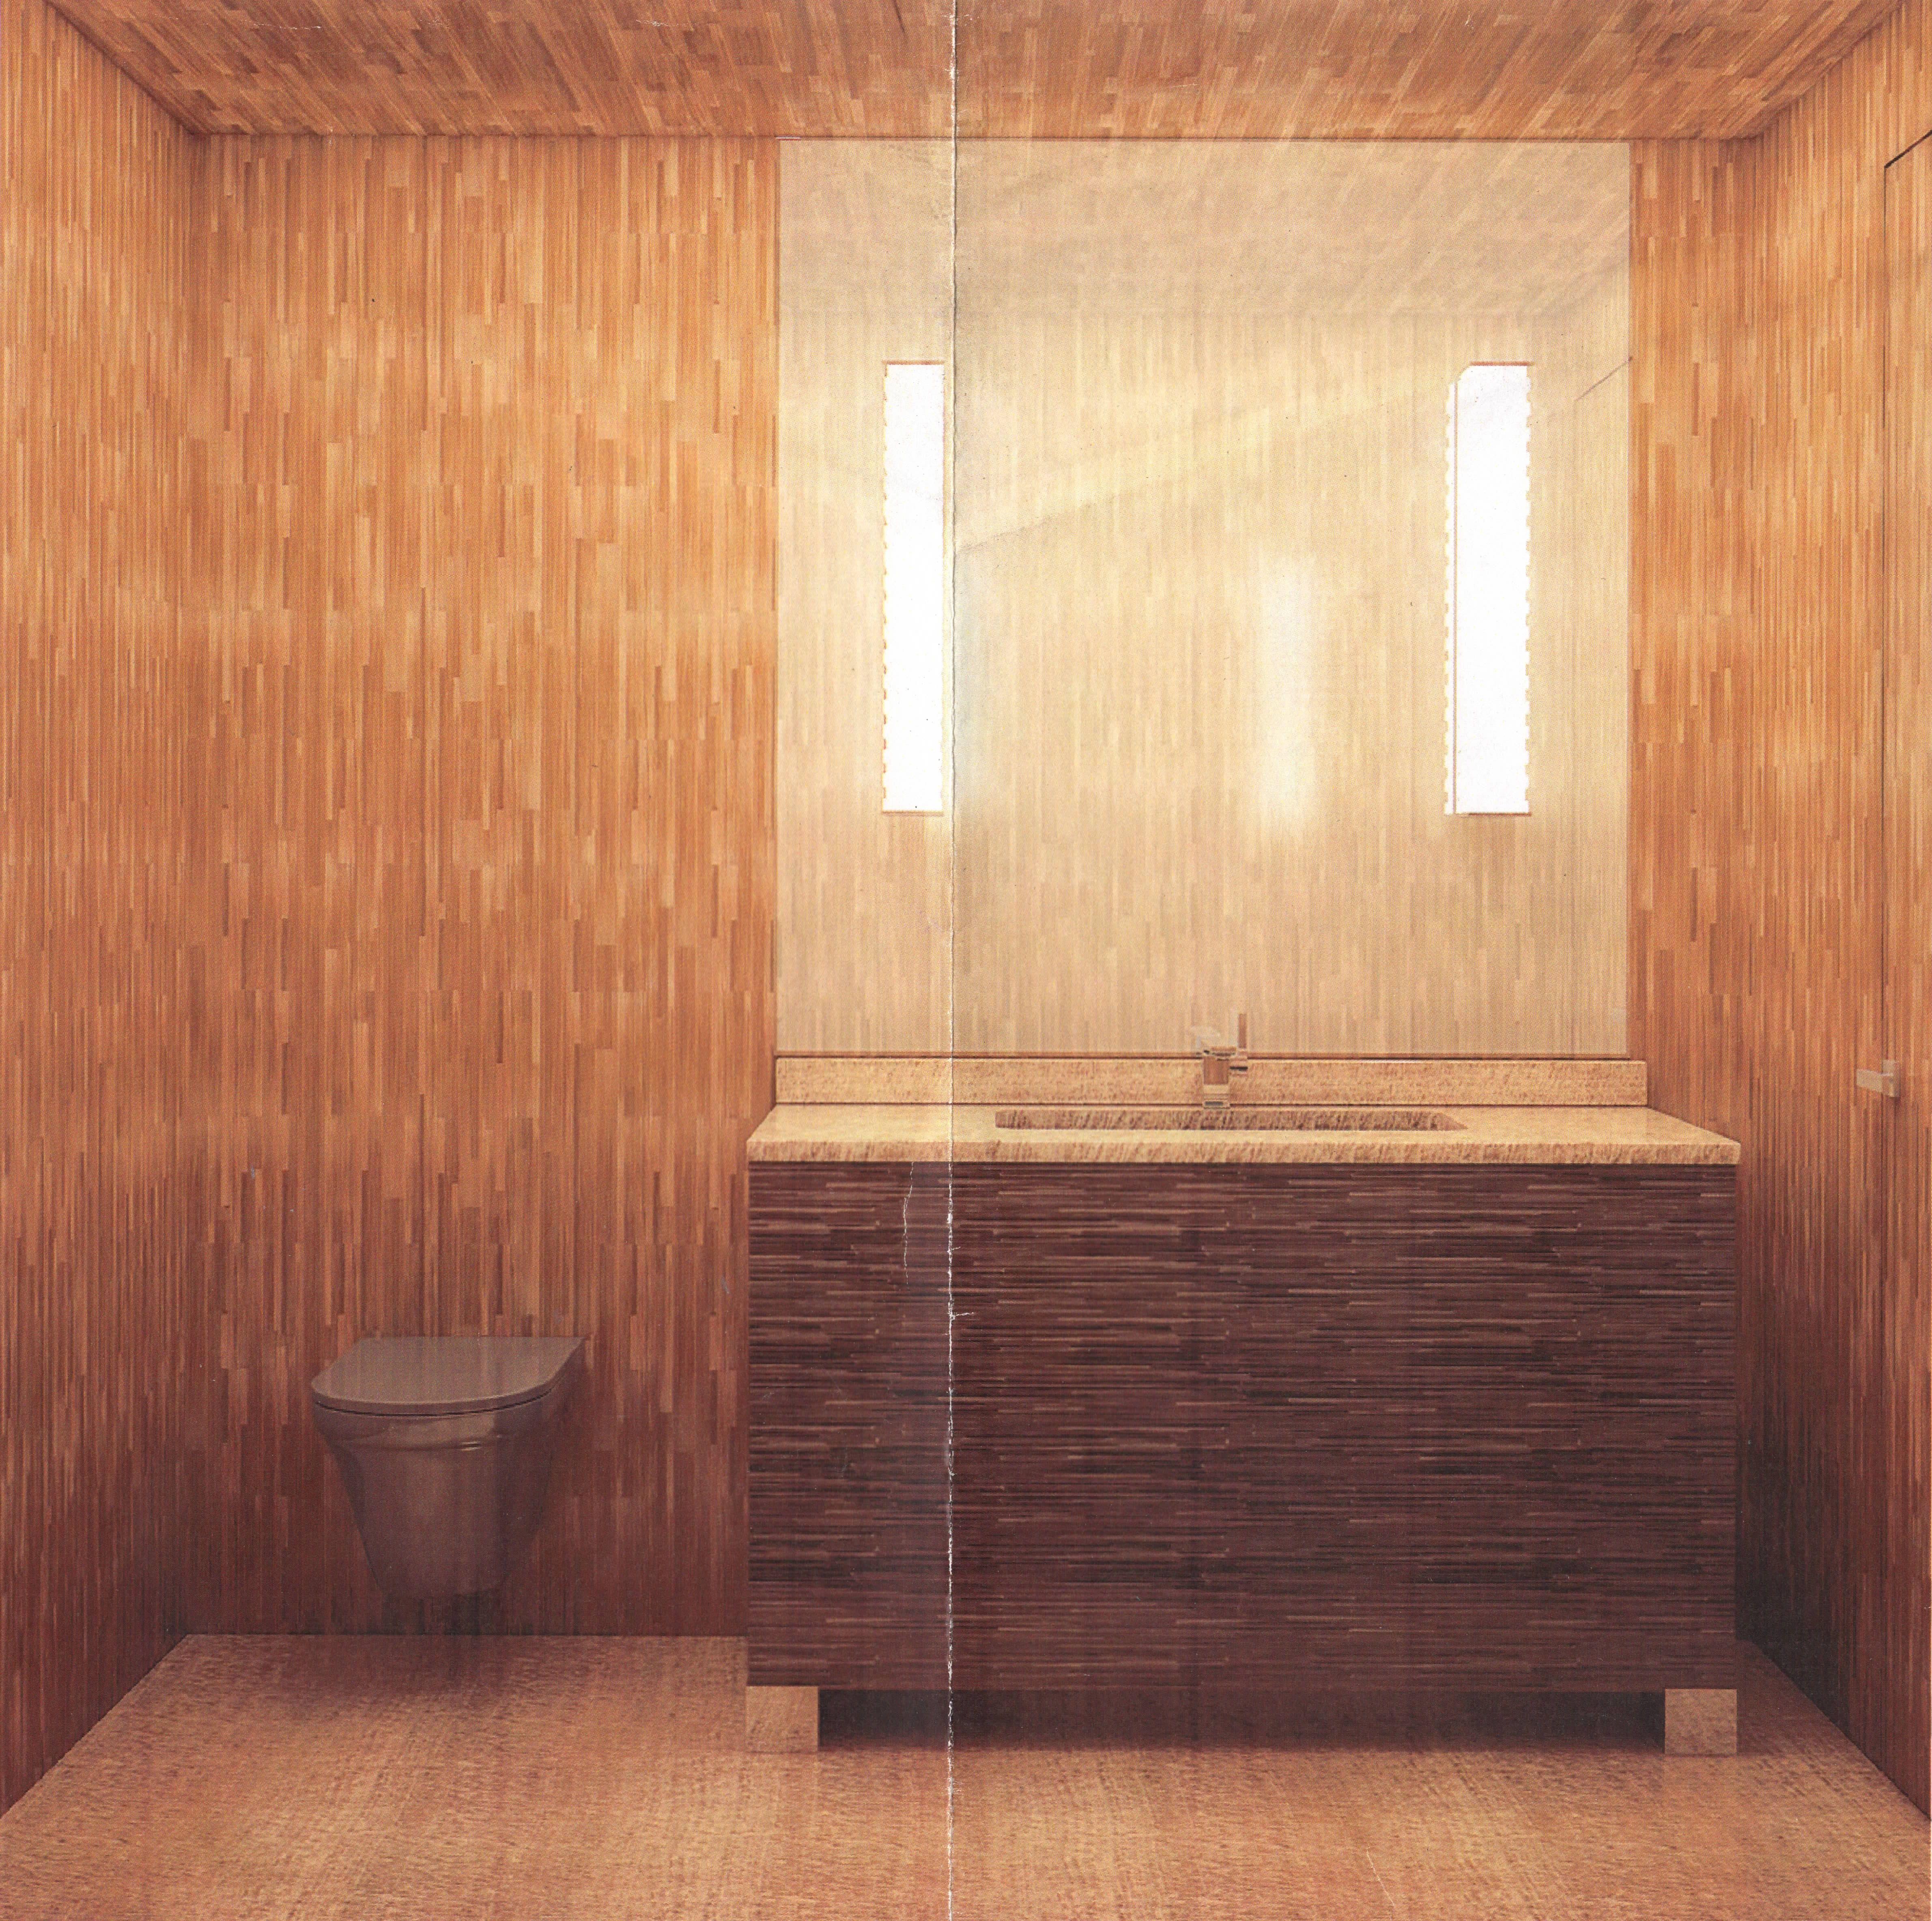 Toilettes en marqueterie de paille réalisée par Lison de Caunes ...